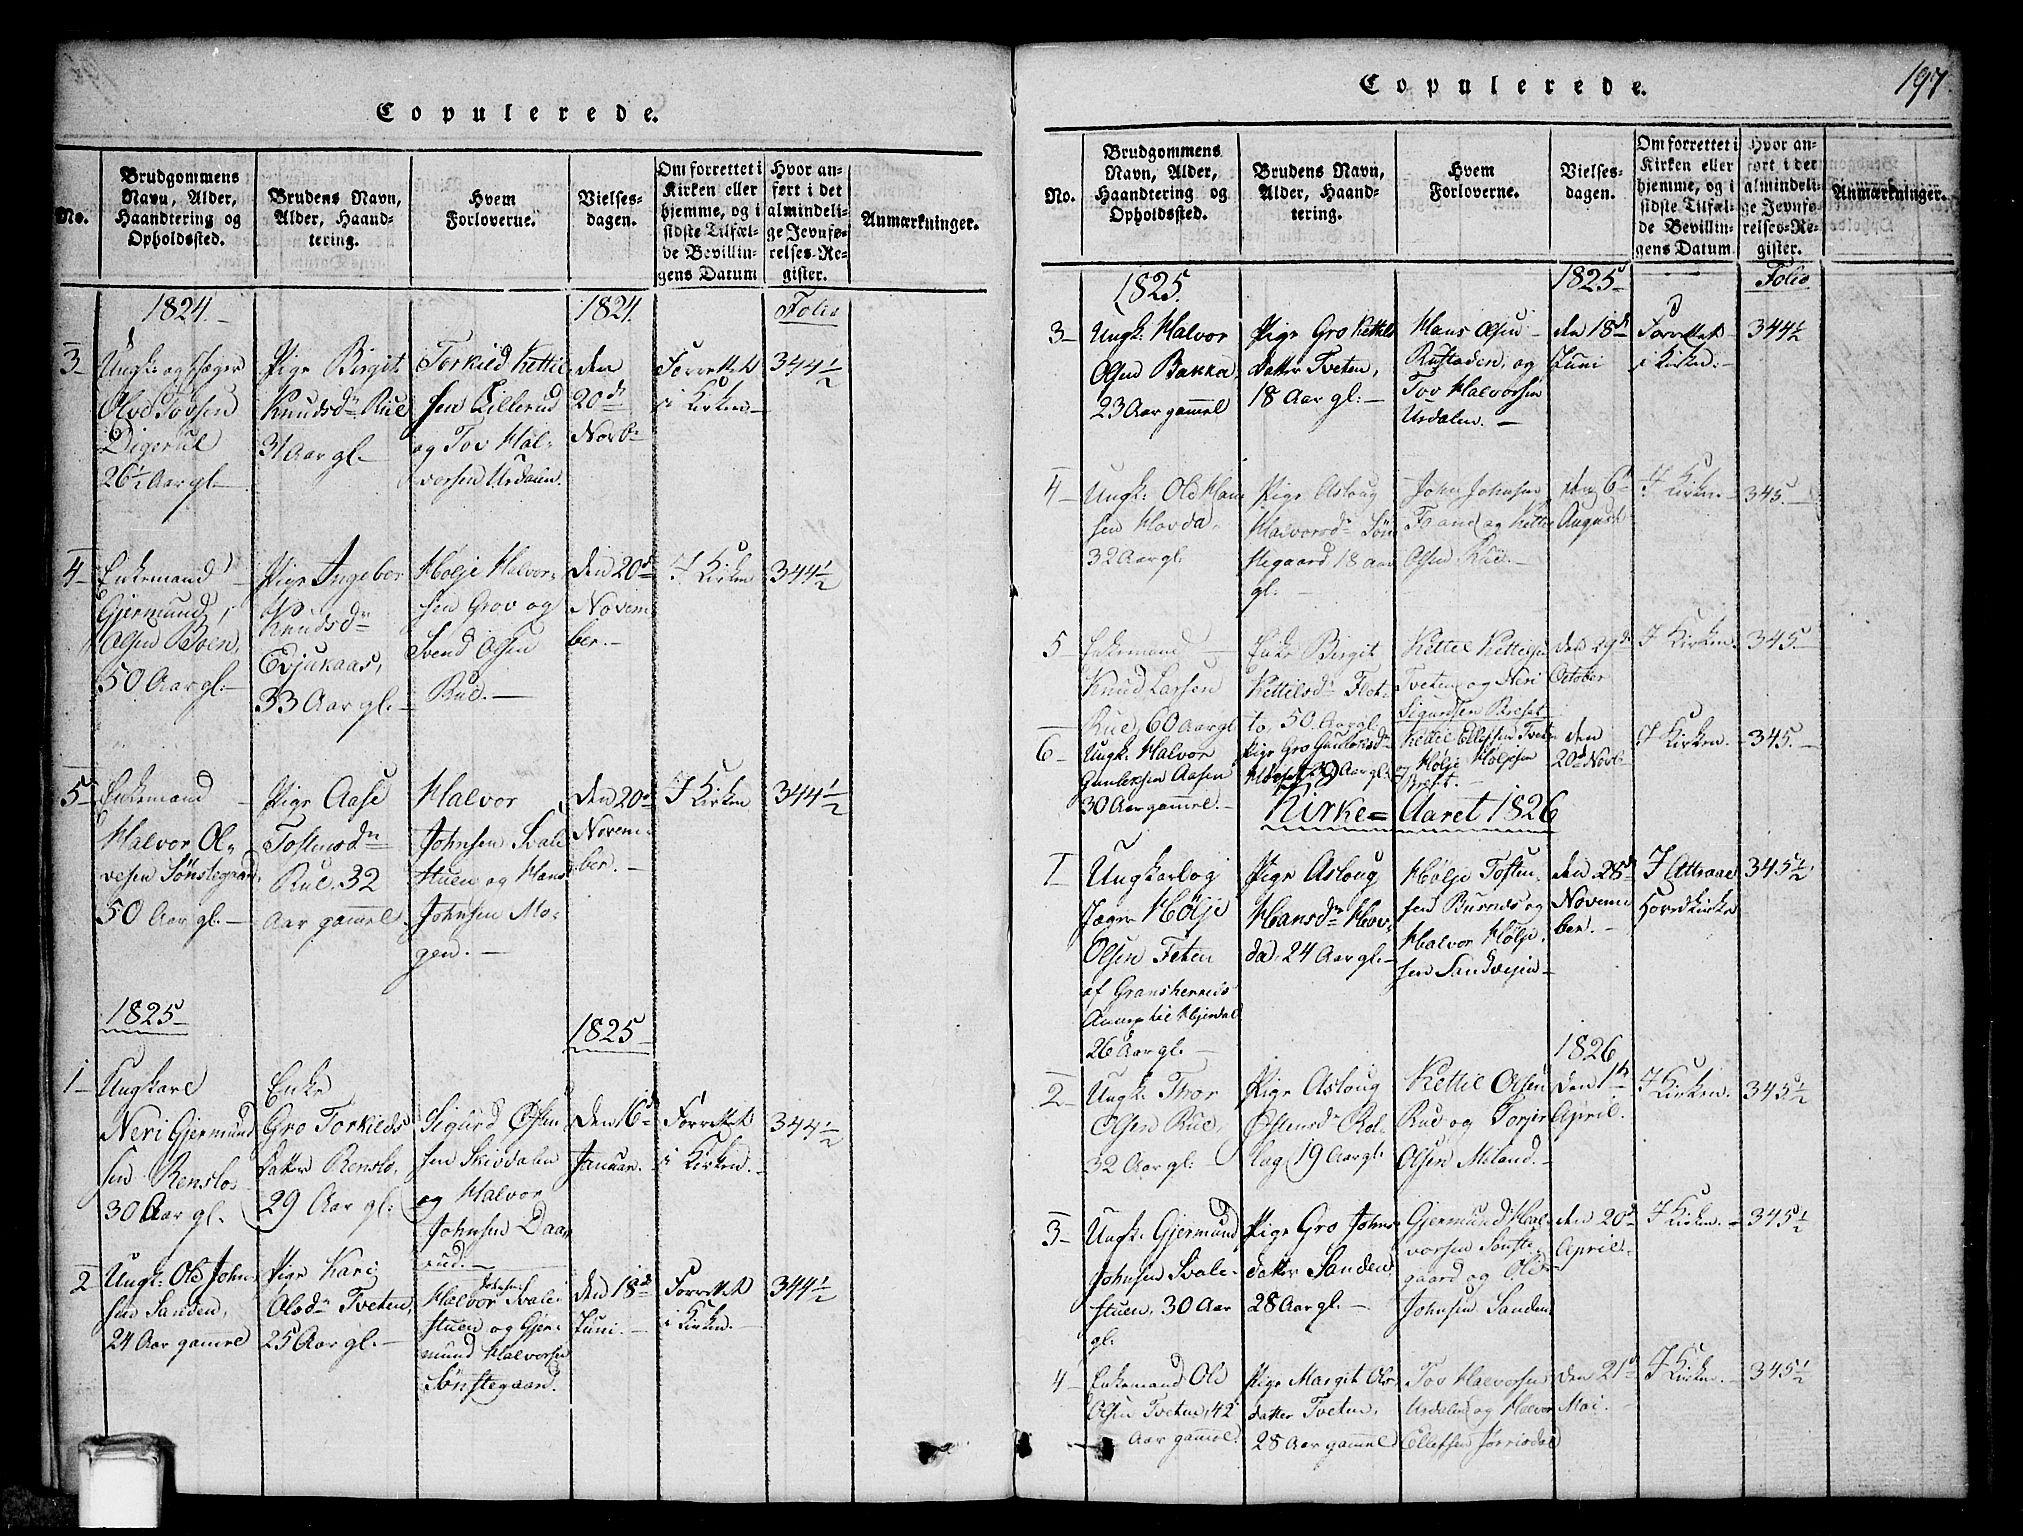 SAKO, Gransherad kirkebøker, G/Gb/L0001: Klokkerbok nr. II 1, 1815-1860, s. 197